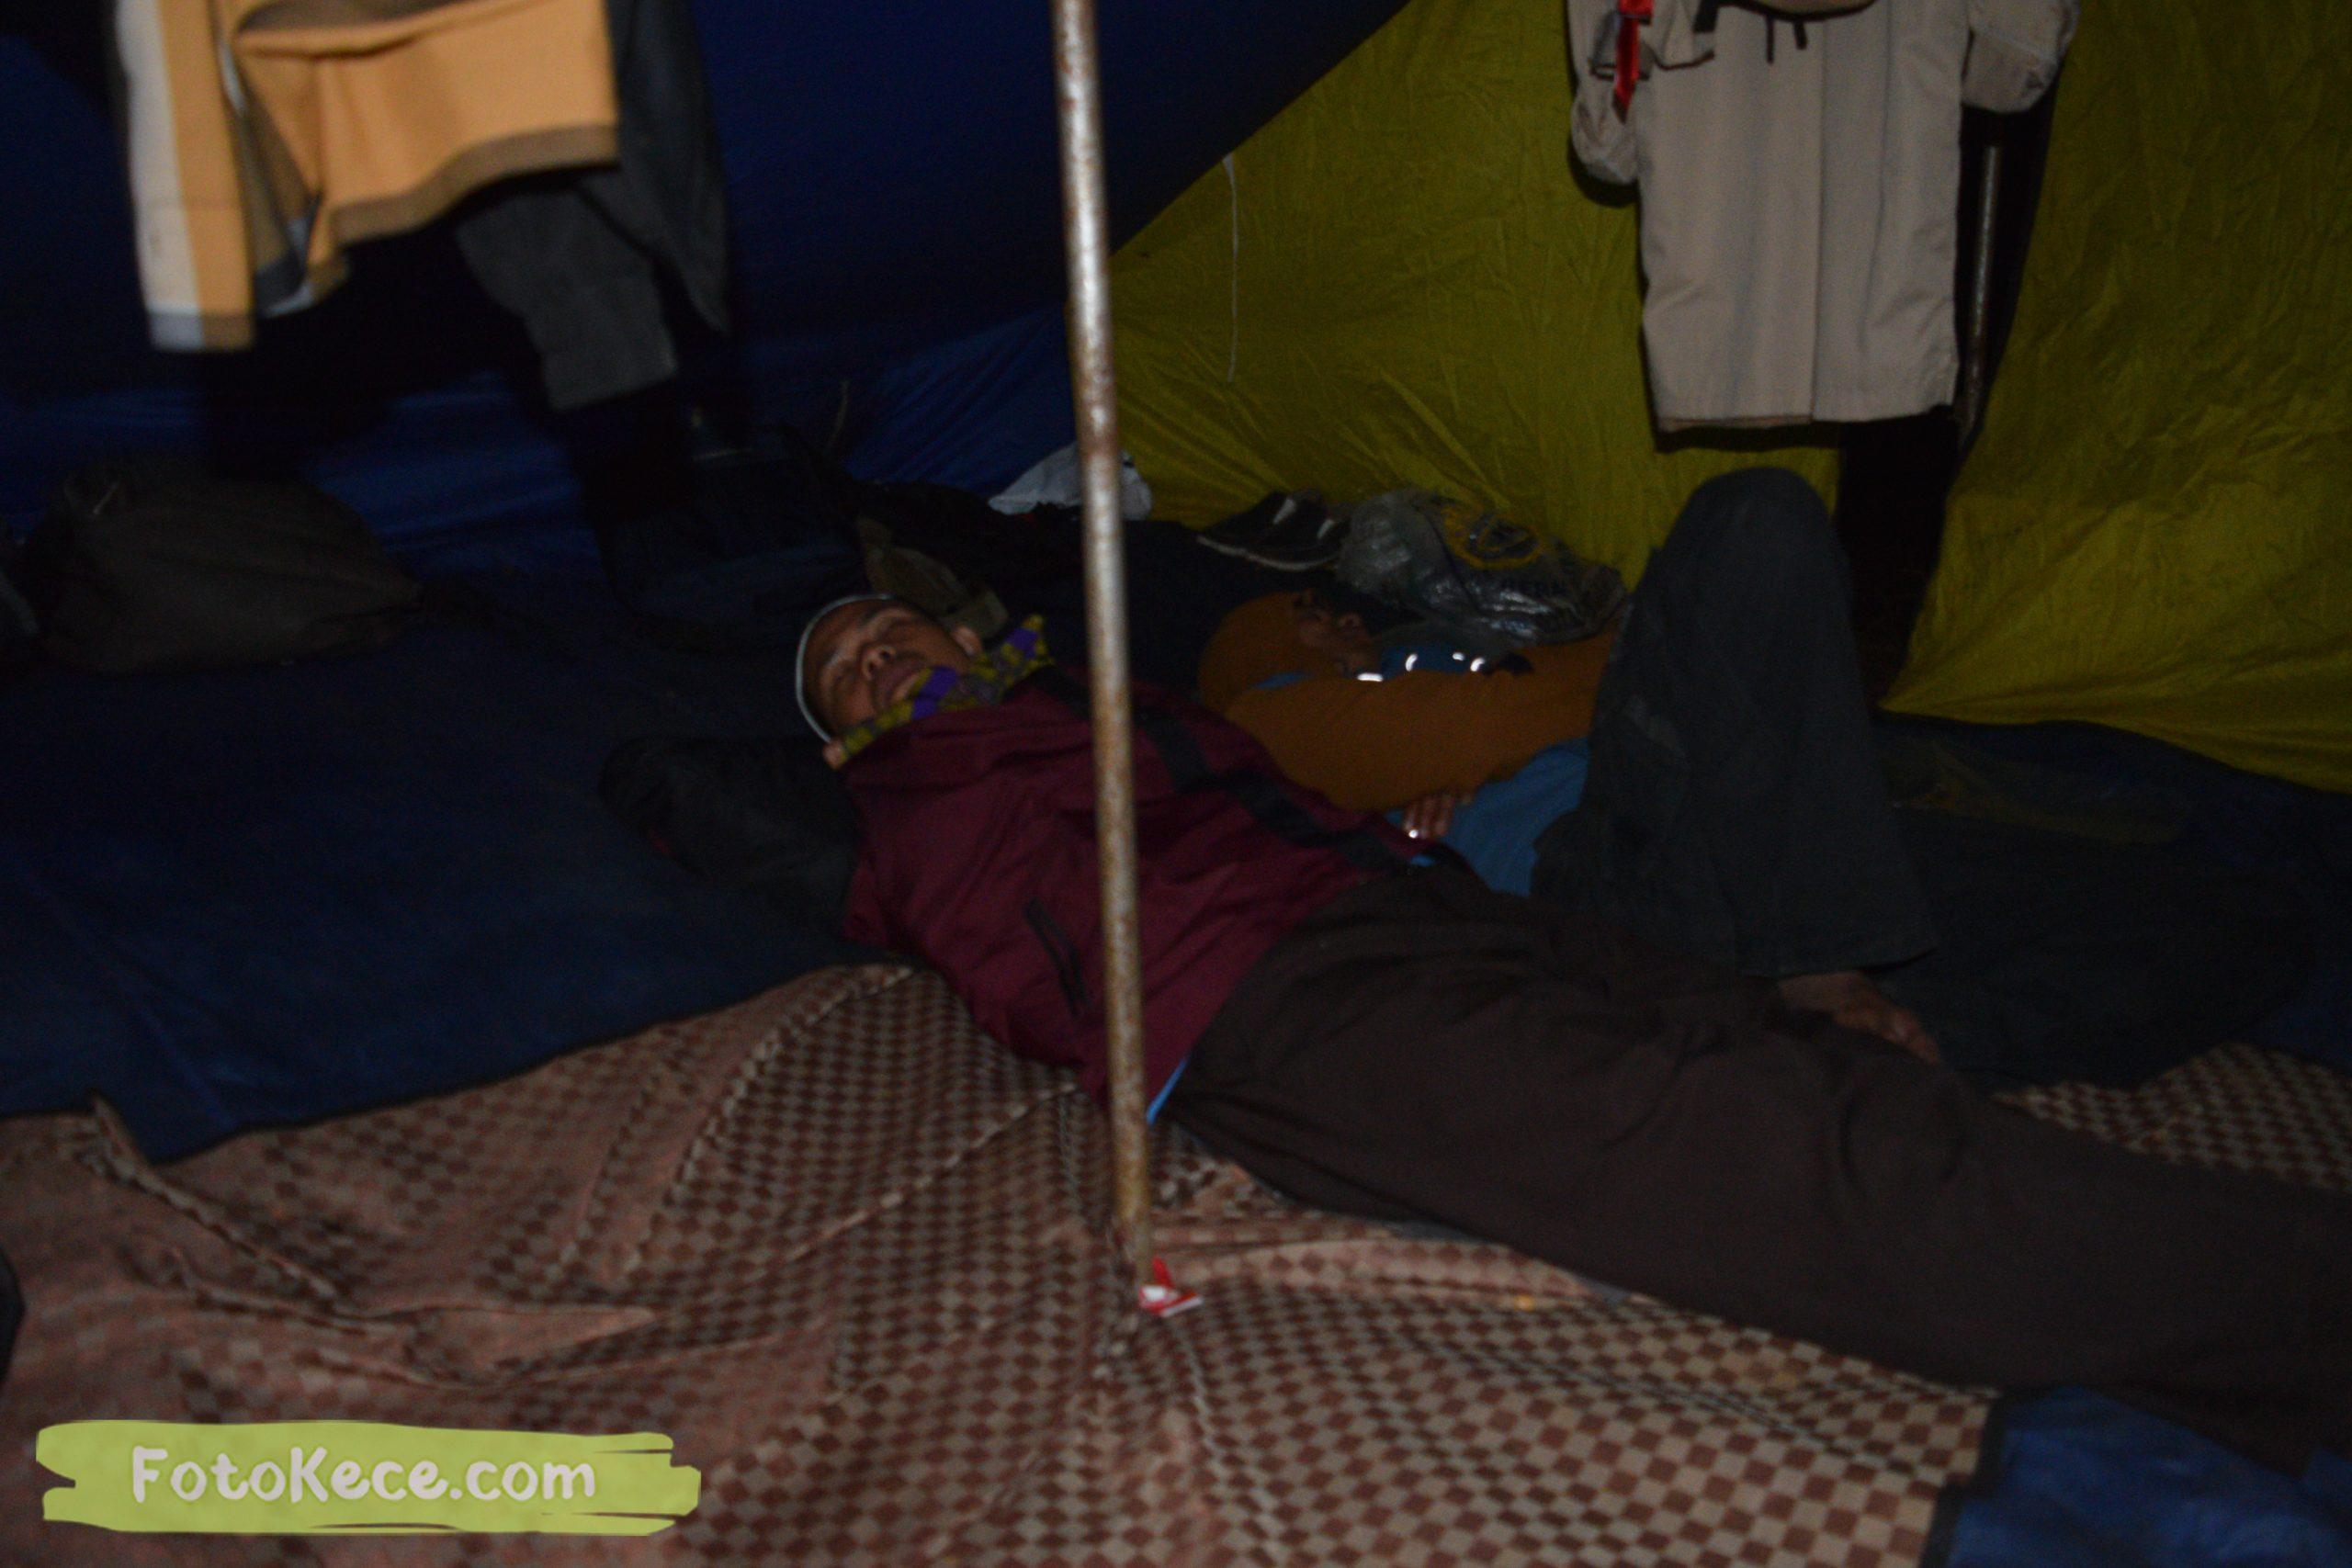 kegiatan sore malam perkemahan narakarya 1 mtsn 2 sukabumi 24 25 januari 2020 pramuka hebat puncak buluh foto kece 95 scaled